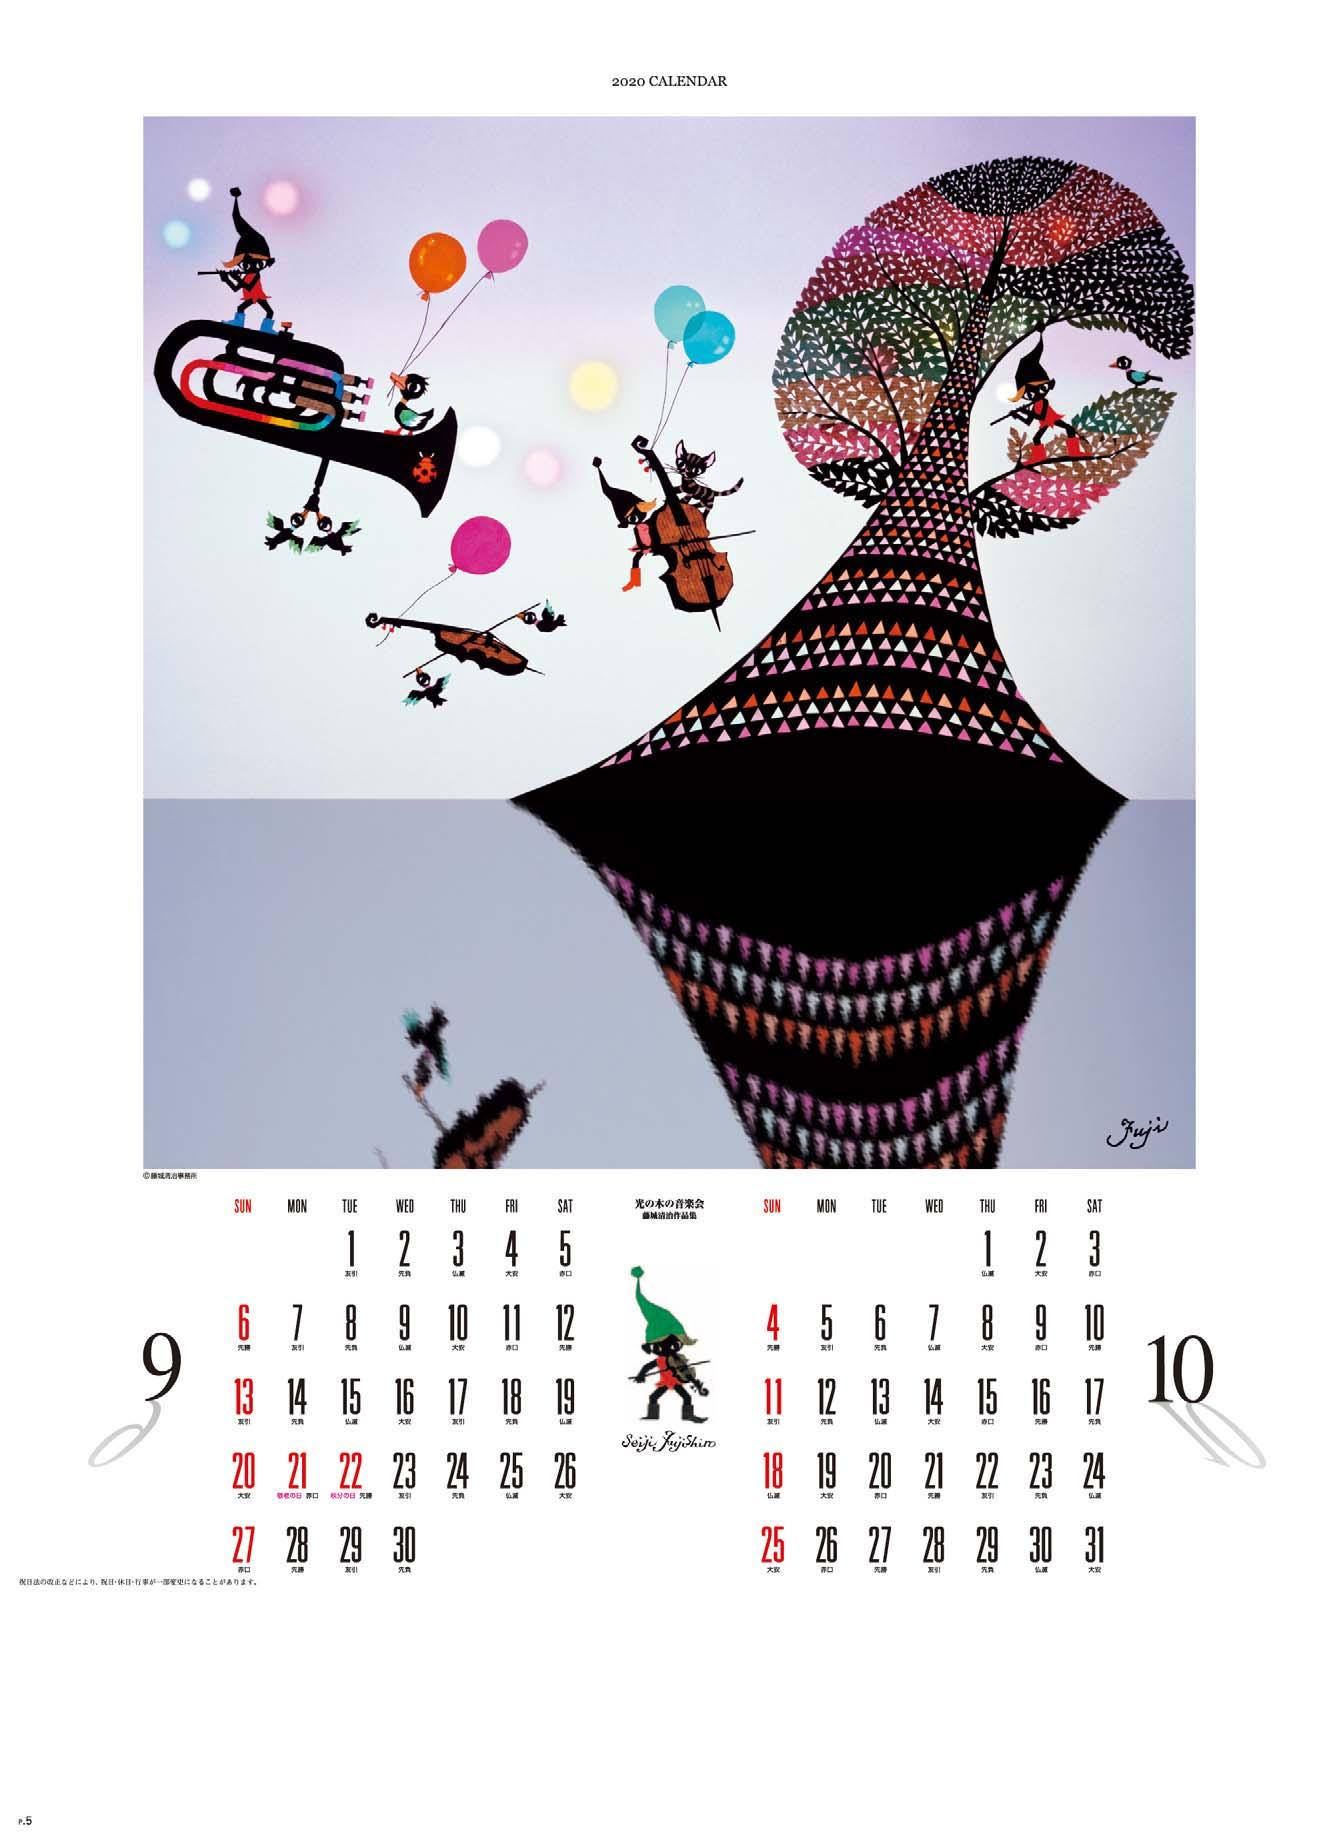 画像:光の木の音楽会 遠い日の風景から(影絵)  藤城清治 2020年カレンダー